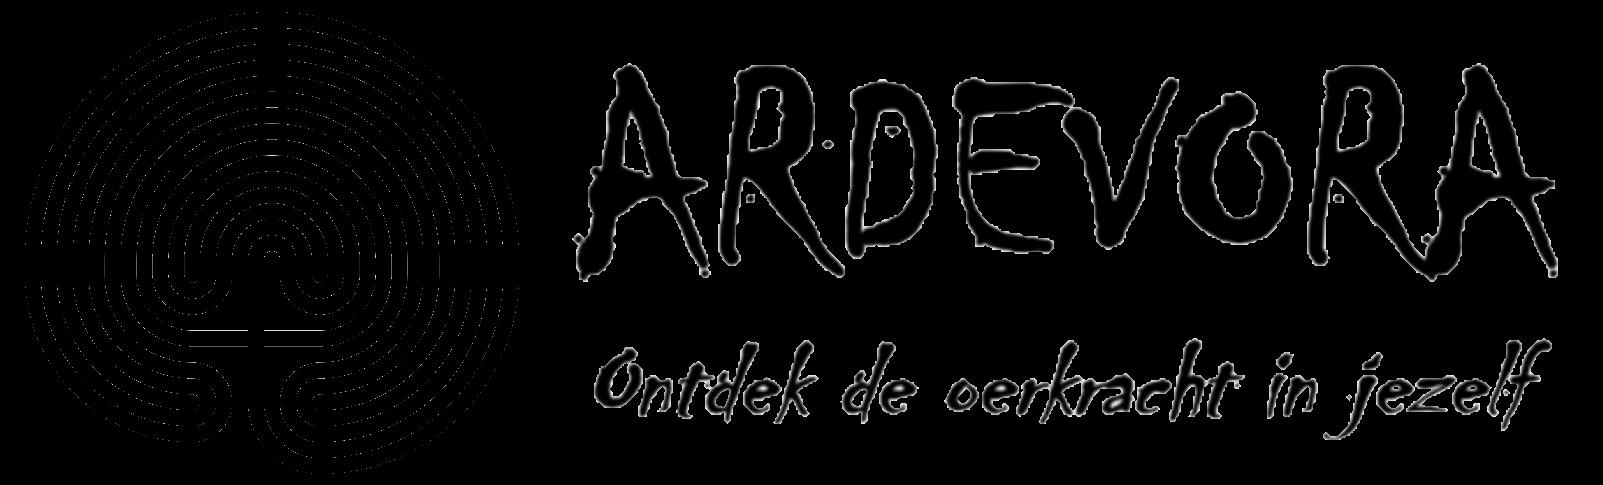 Afbeeldingsresultaat voor logo ardevora